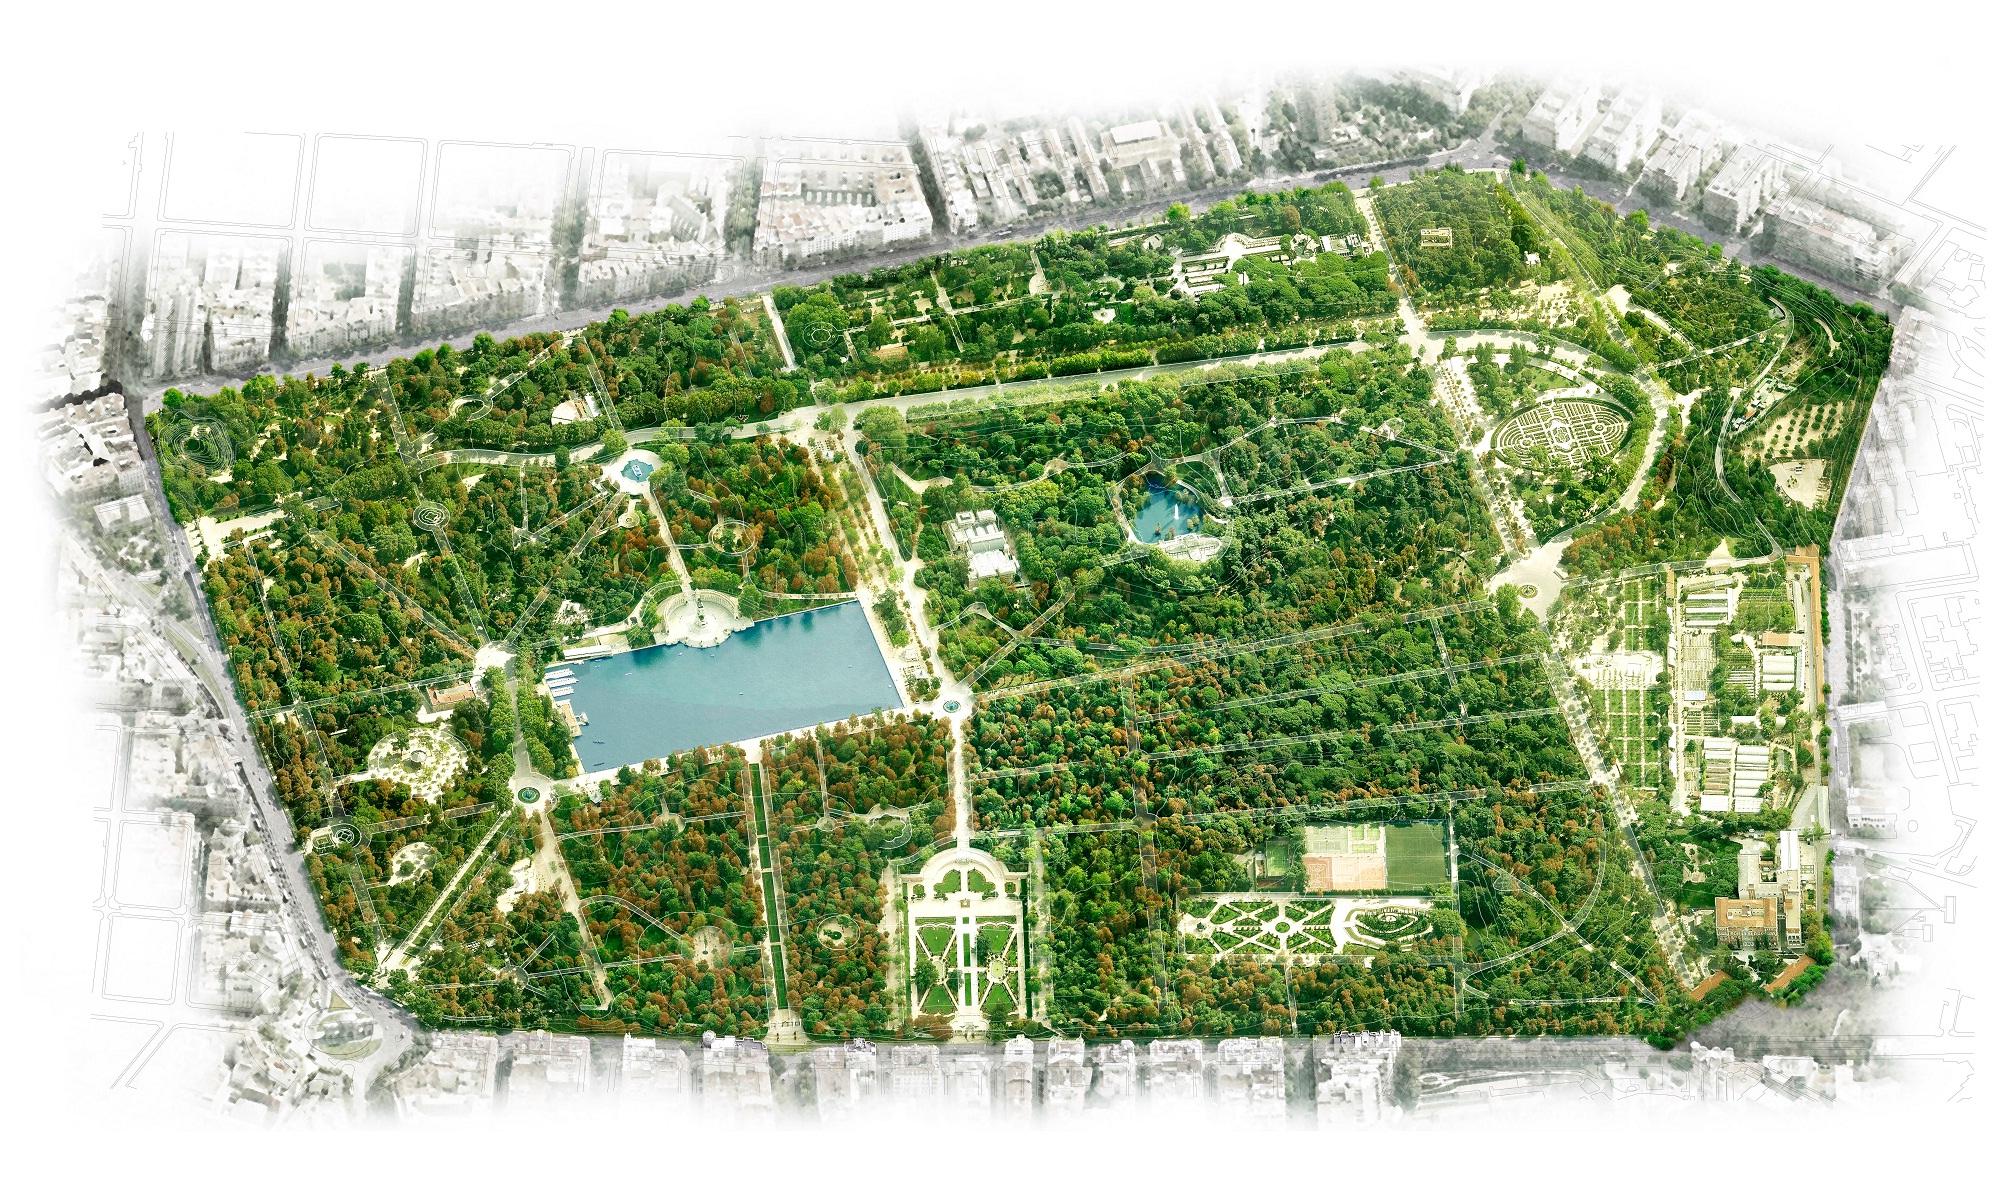 Plano Parque Del Retiro Mapa.Mapa Retiro Madrid Mapa